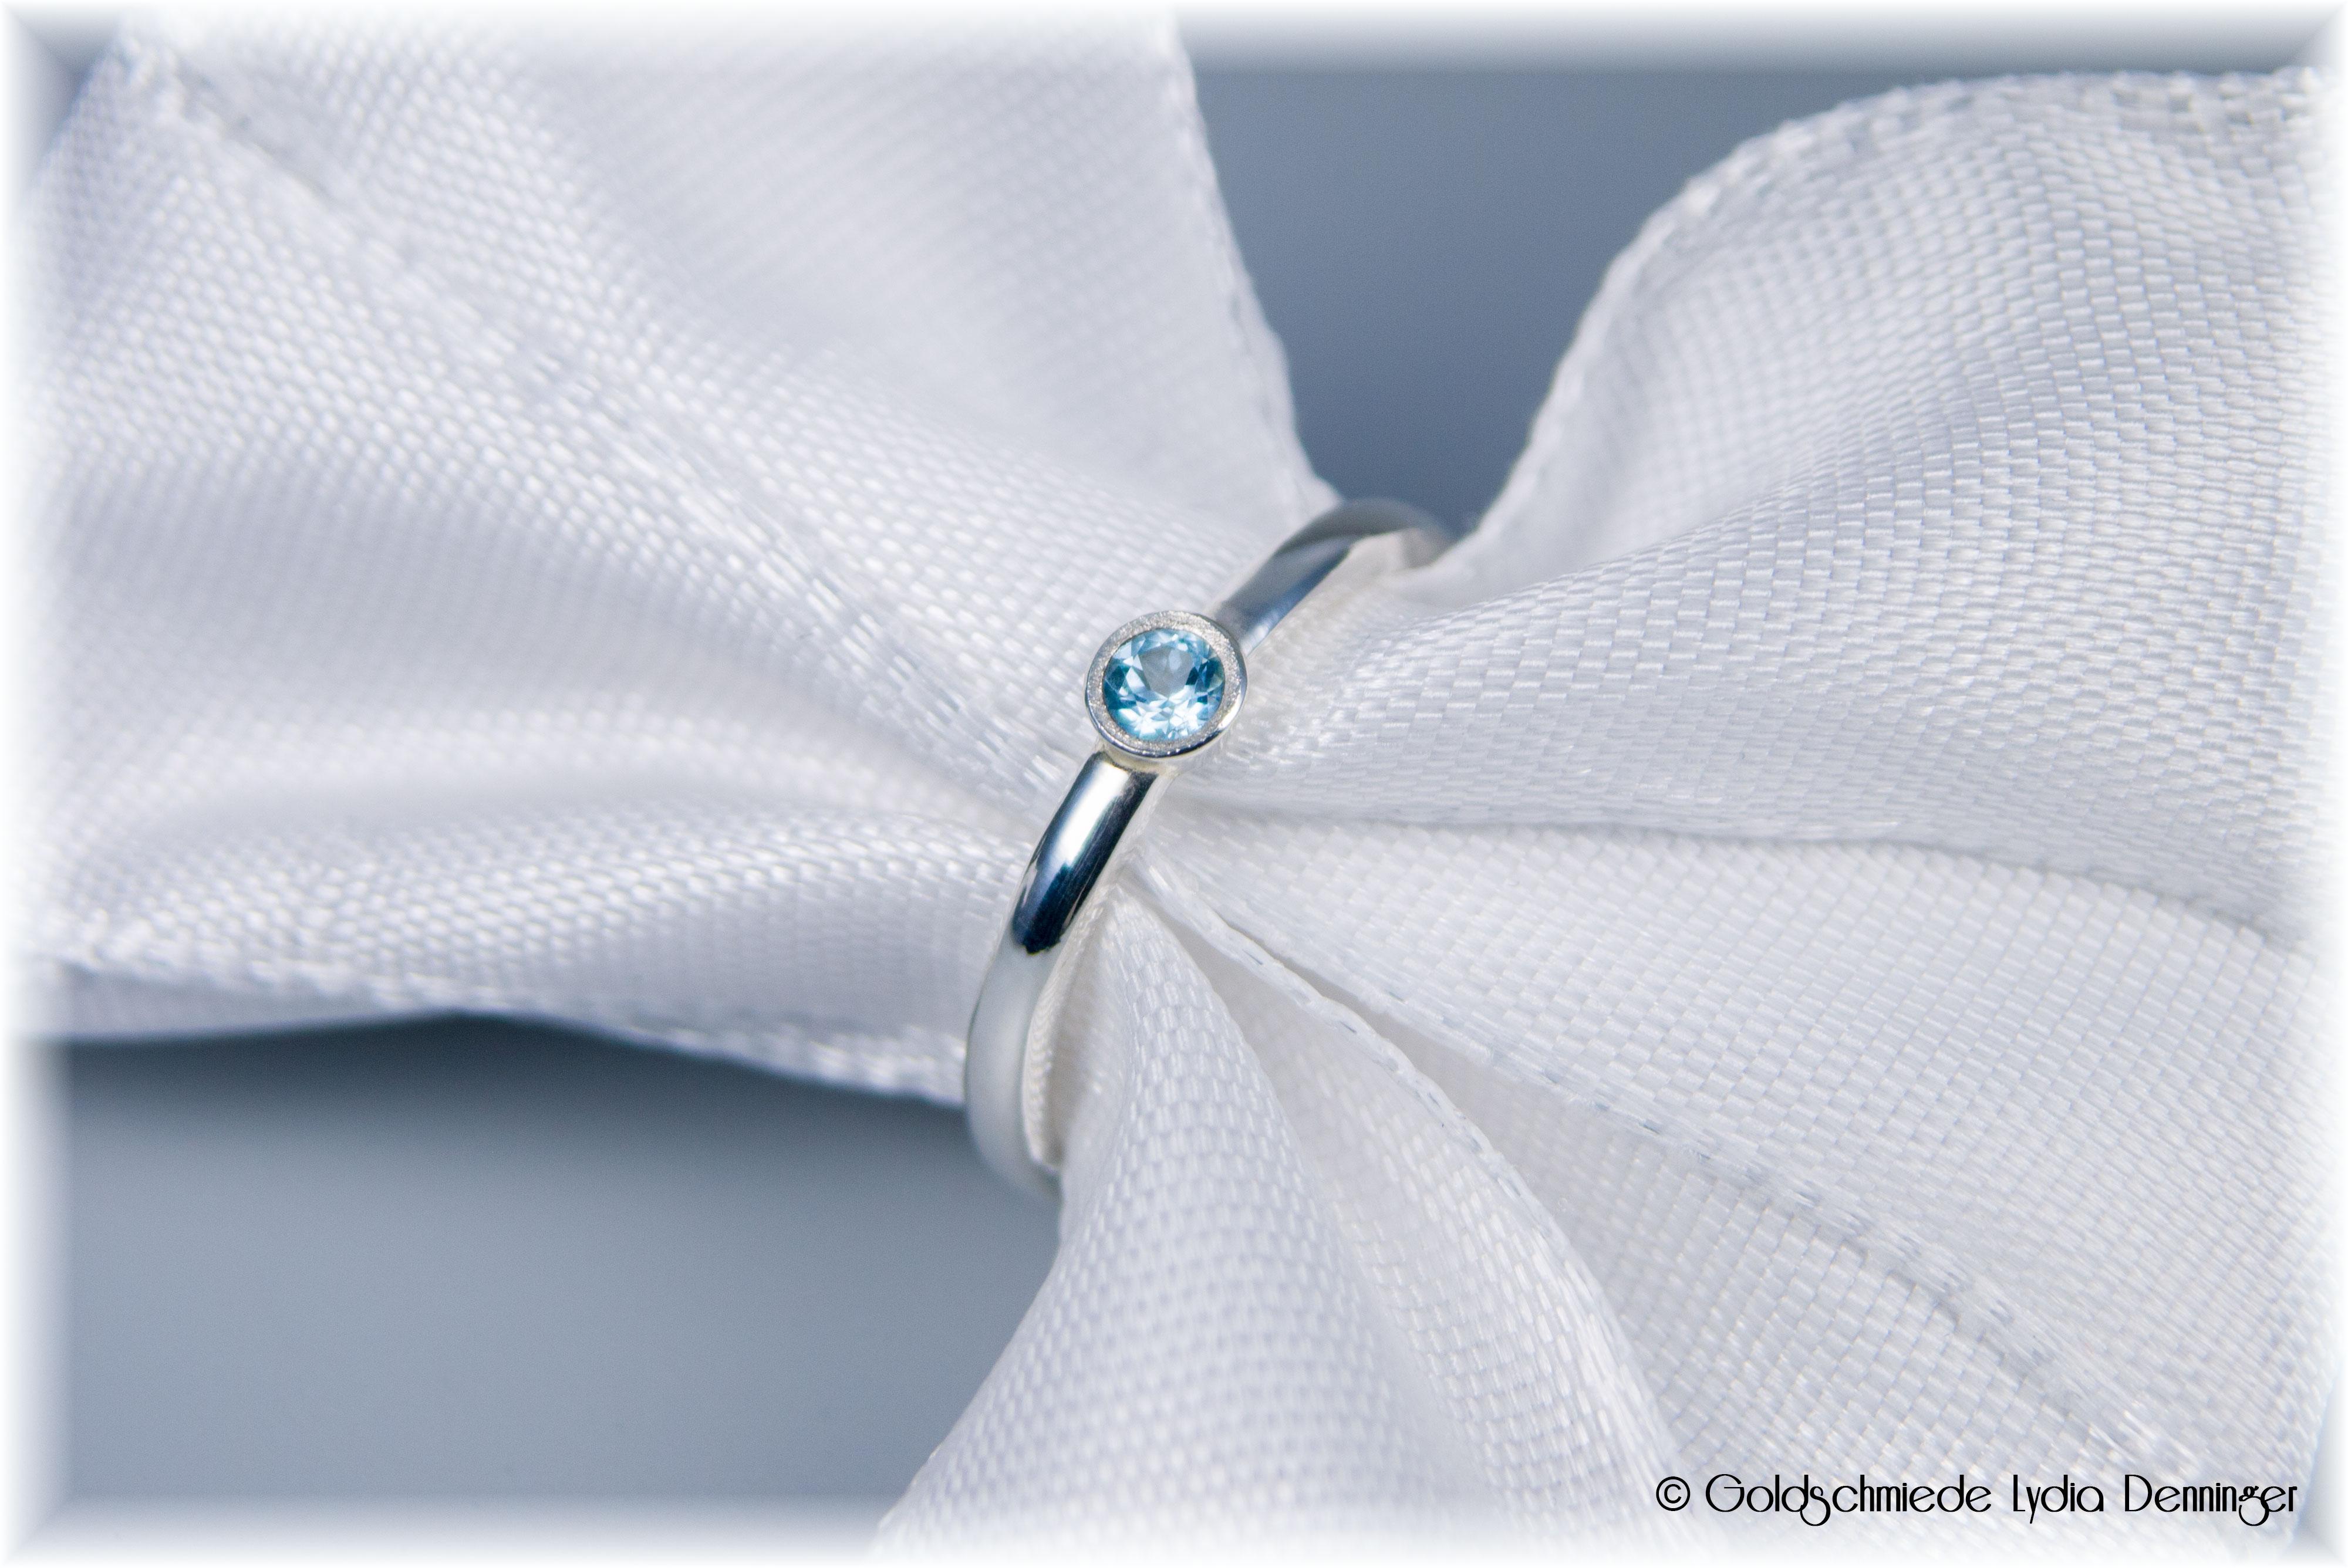 Umarbeitung - auf einen glatten Silberring wurde eine Fassung mit eisblauen Topas geschmiedet. Die Kante wurde eismattier